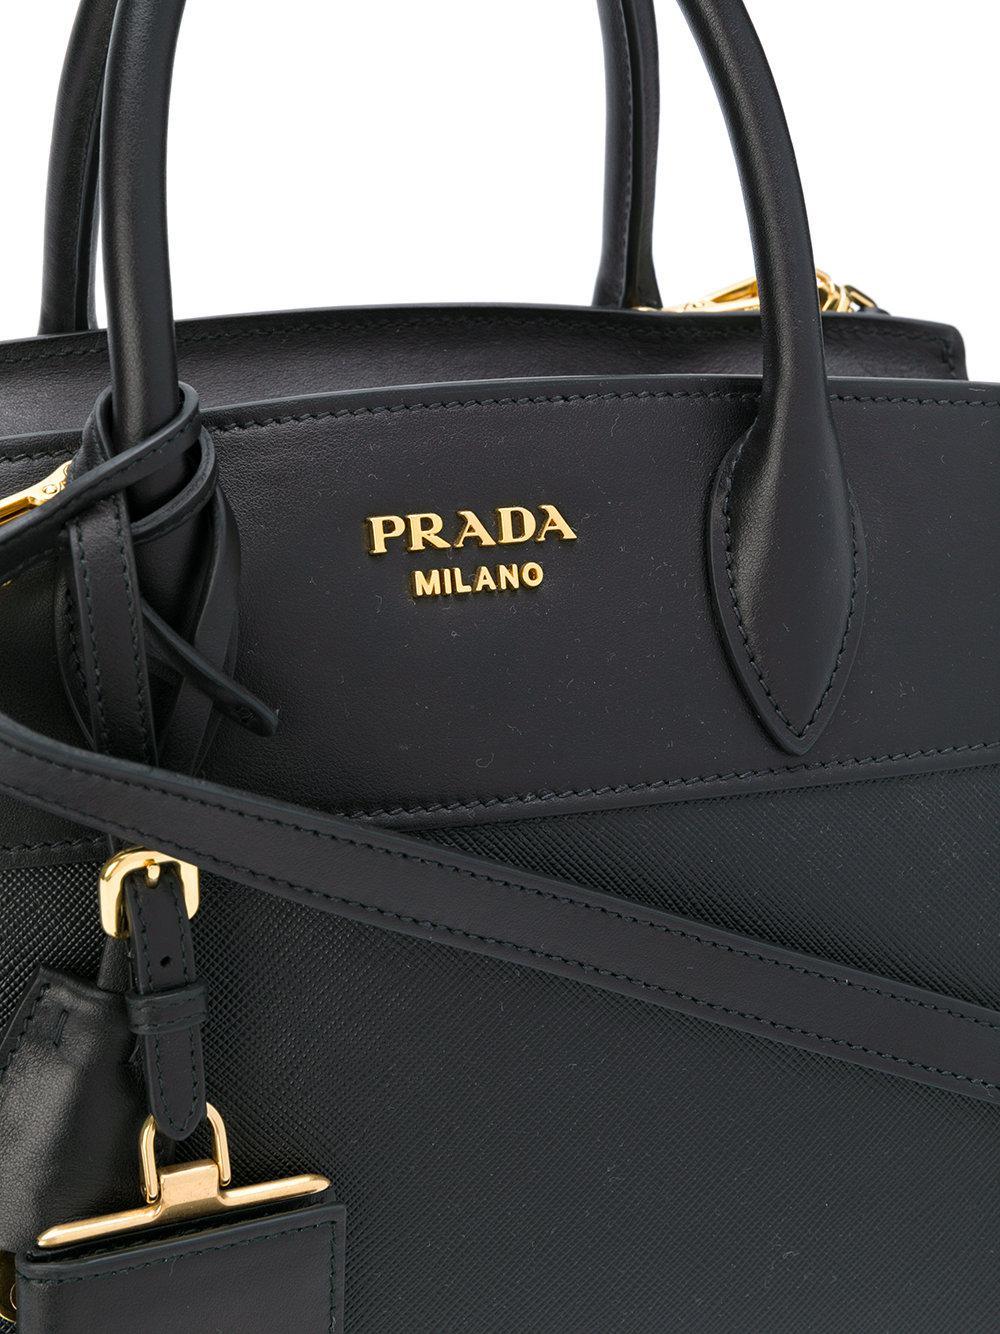 4cbef5c2fe Prada - Black Bibliotheque Medium Tote Bag - Lyst. View fullscreen